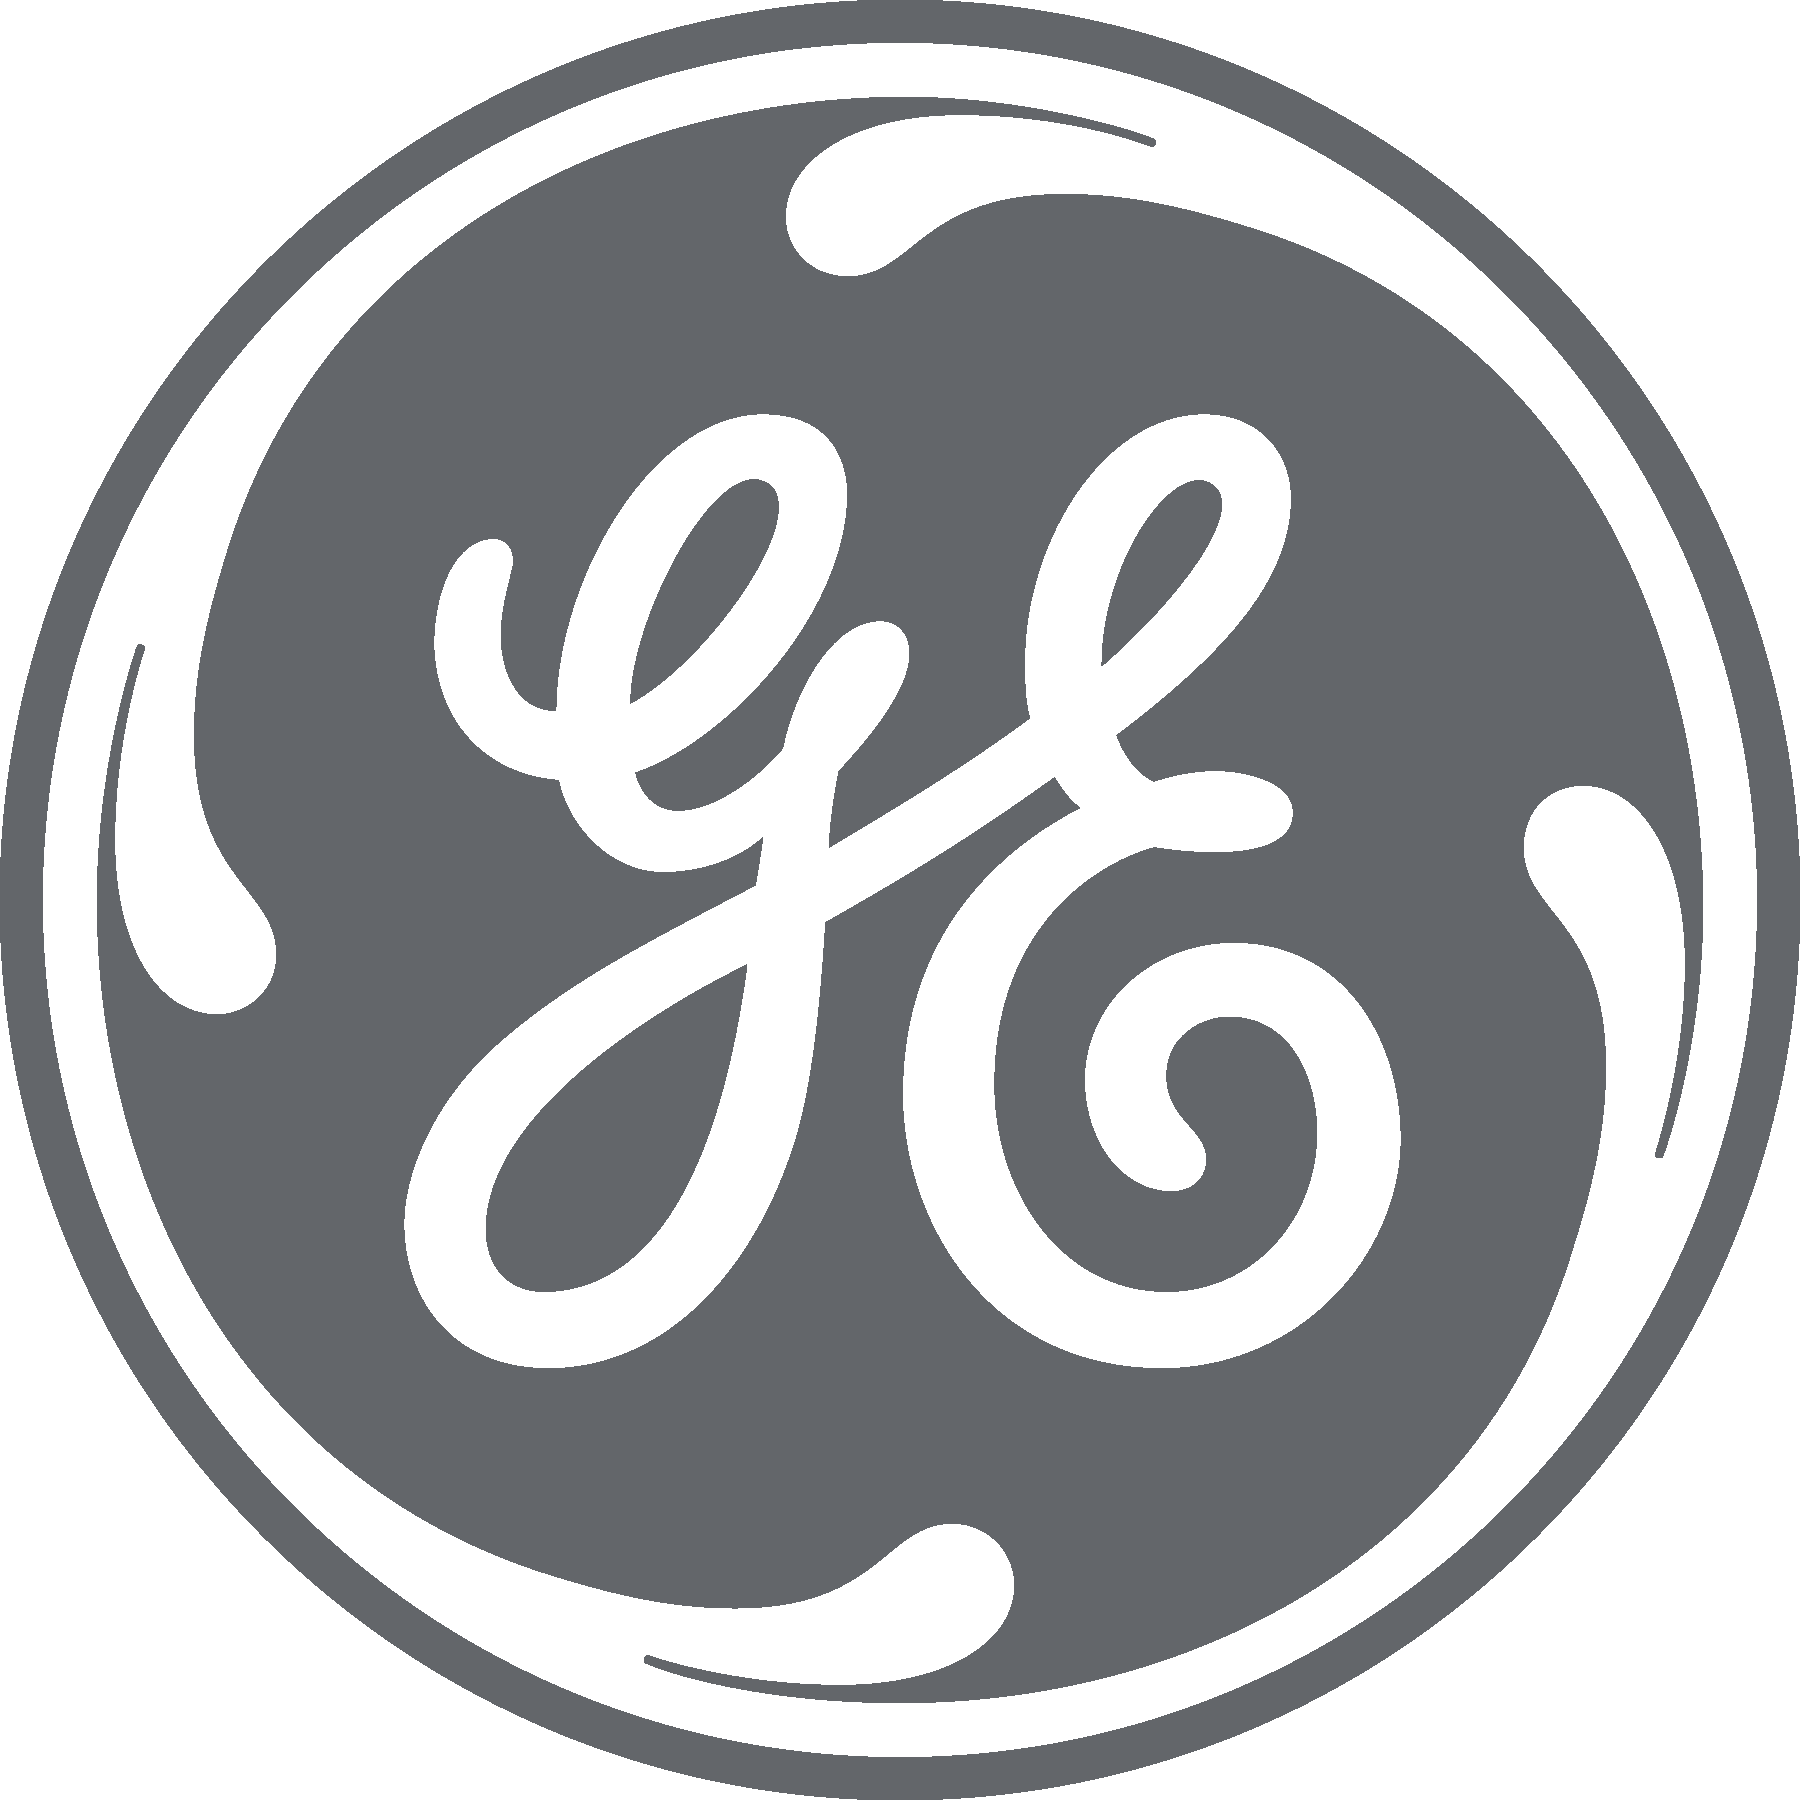 201605122-GE-Monogram-Gray.png